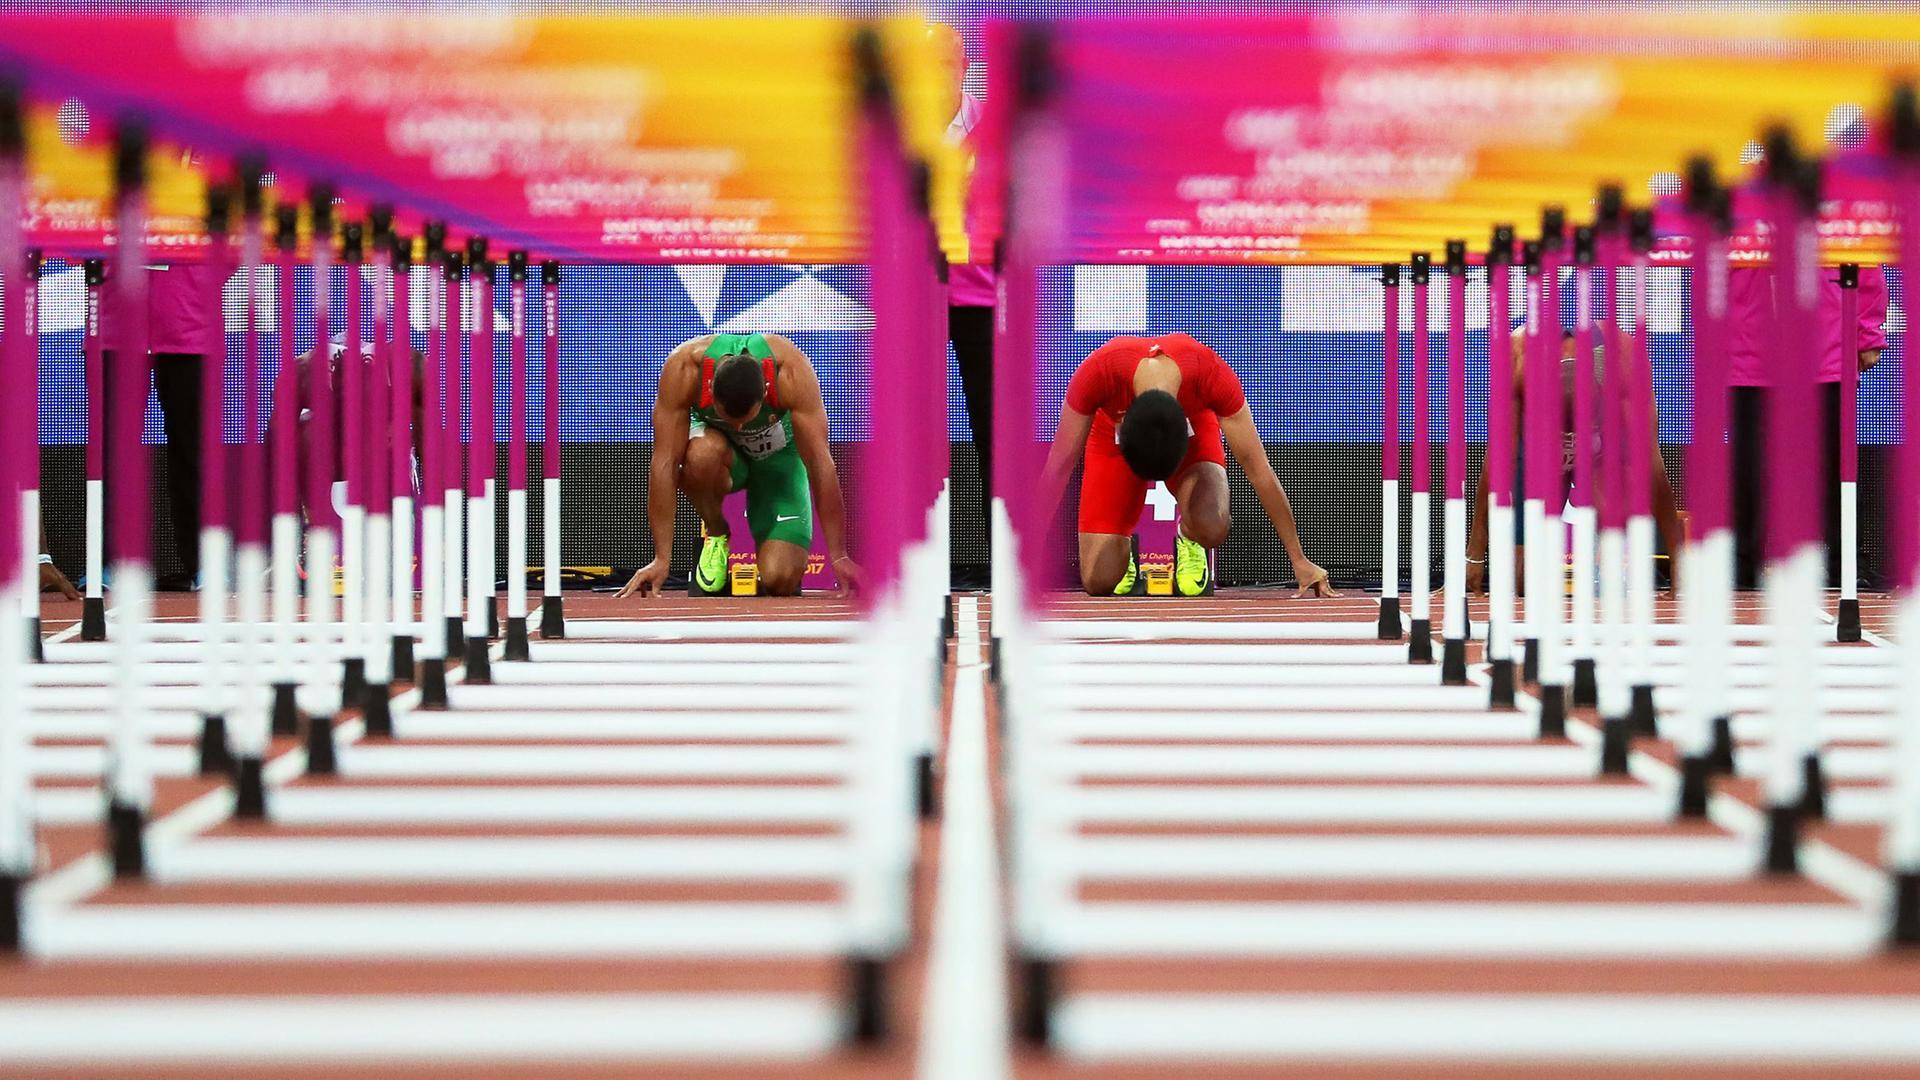 05.06.2021, 19:15 Uhr: Leichtathletik ZDF Sportextra: Die Finals 2021